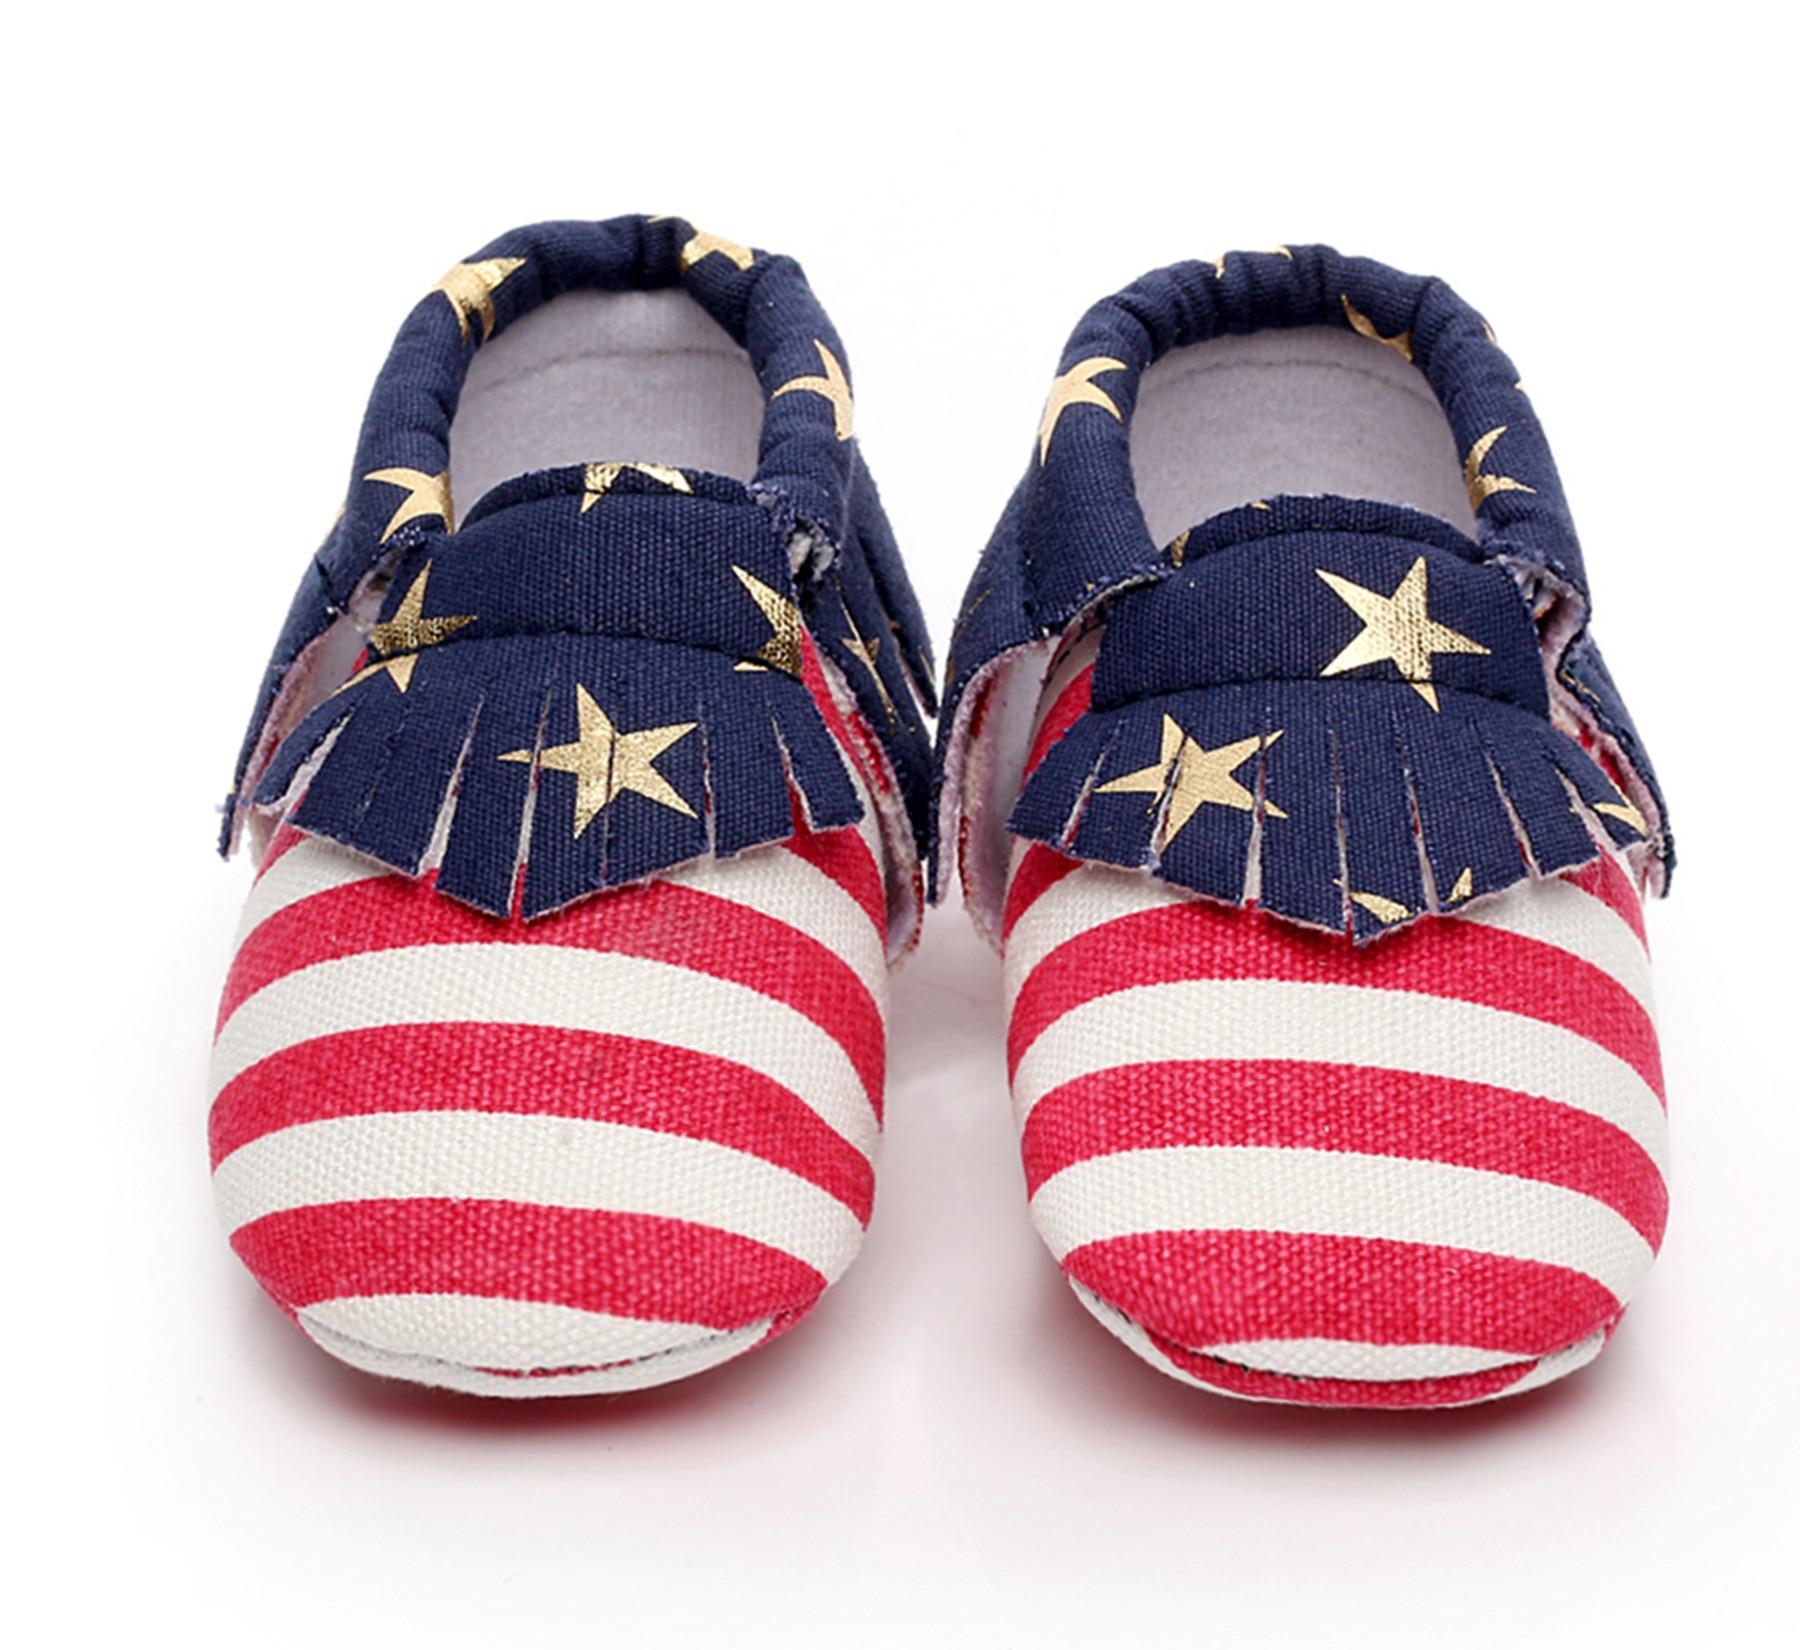 Лидер продаж 2018 г. модные уникальные кисточкой малыша Обувь американский флаг ребенок мягкая подошва Обувь детские мокасины ...